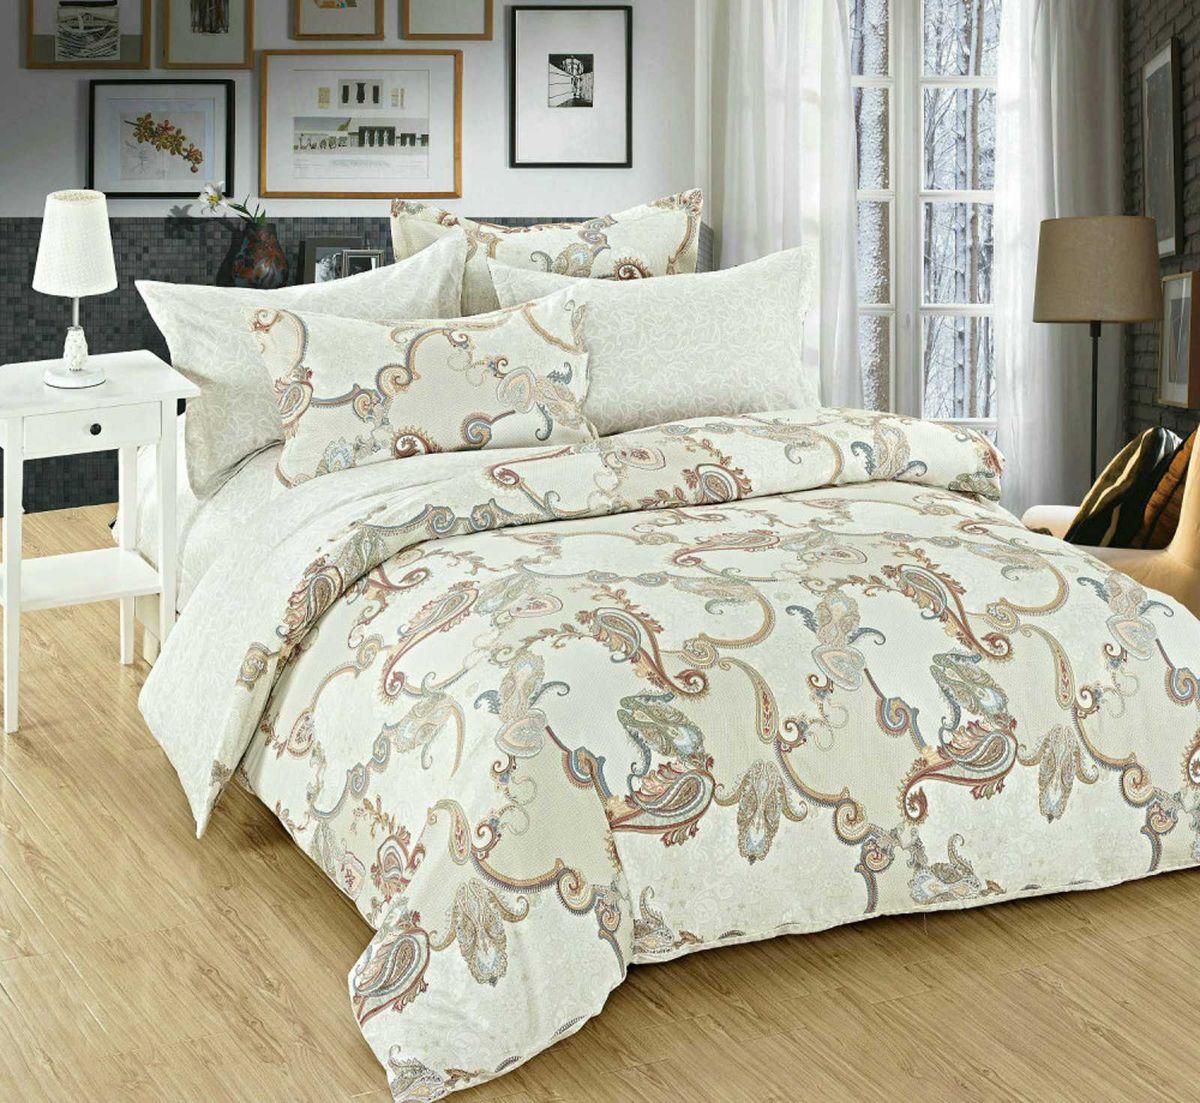 Комплект постельного белья Евростандарт, поплин (Фелини, белый)